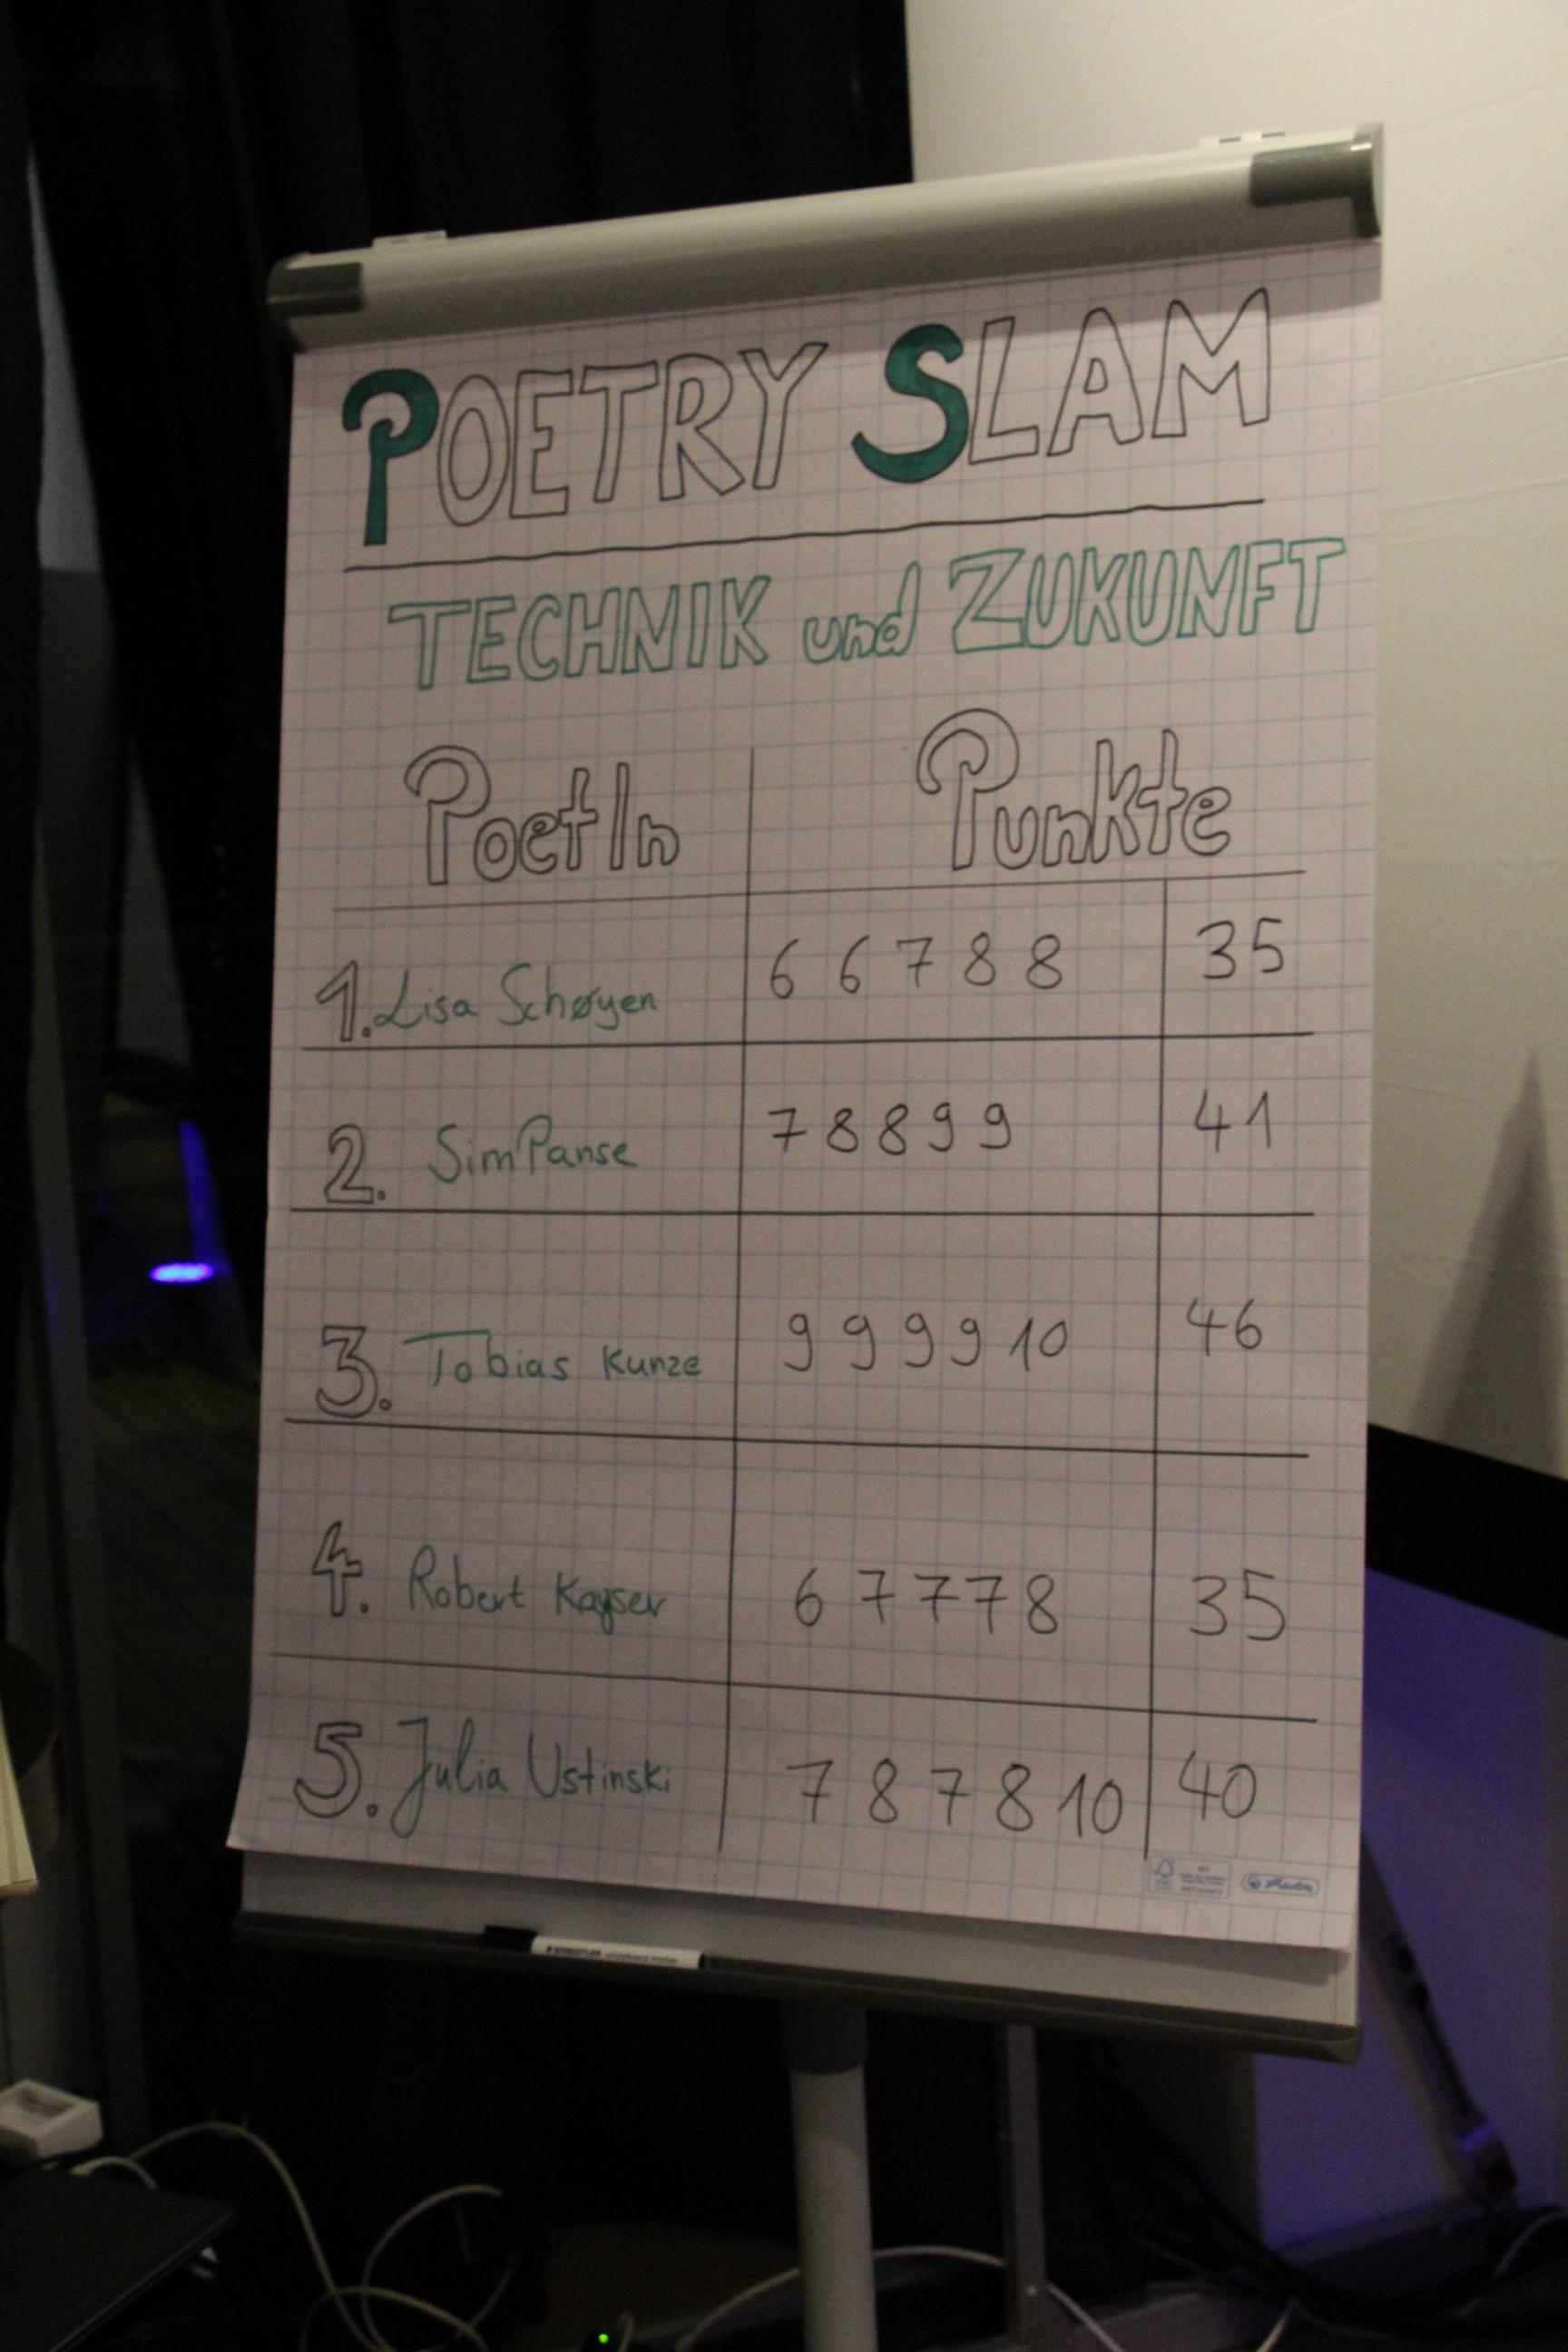 """Bewertung der Poetry Slams zum Thema """"Technik und Zukunft"""""""